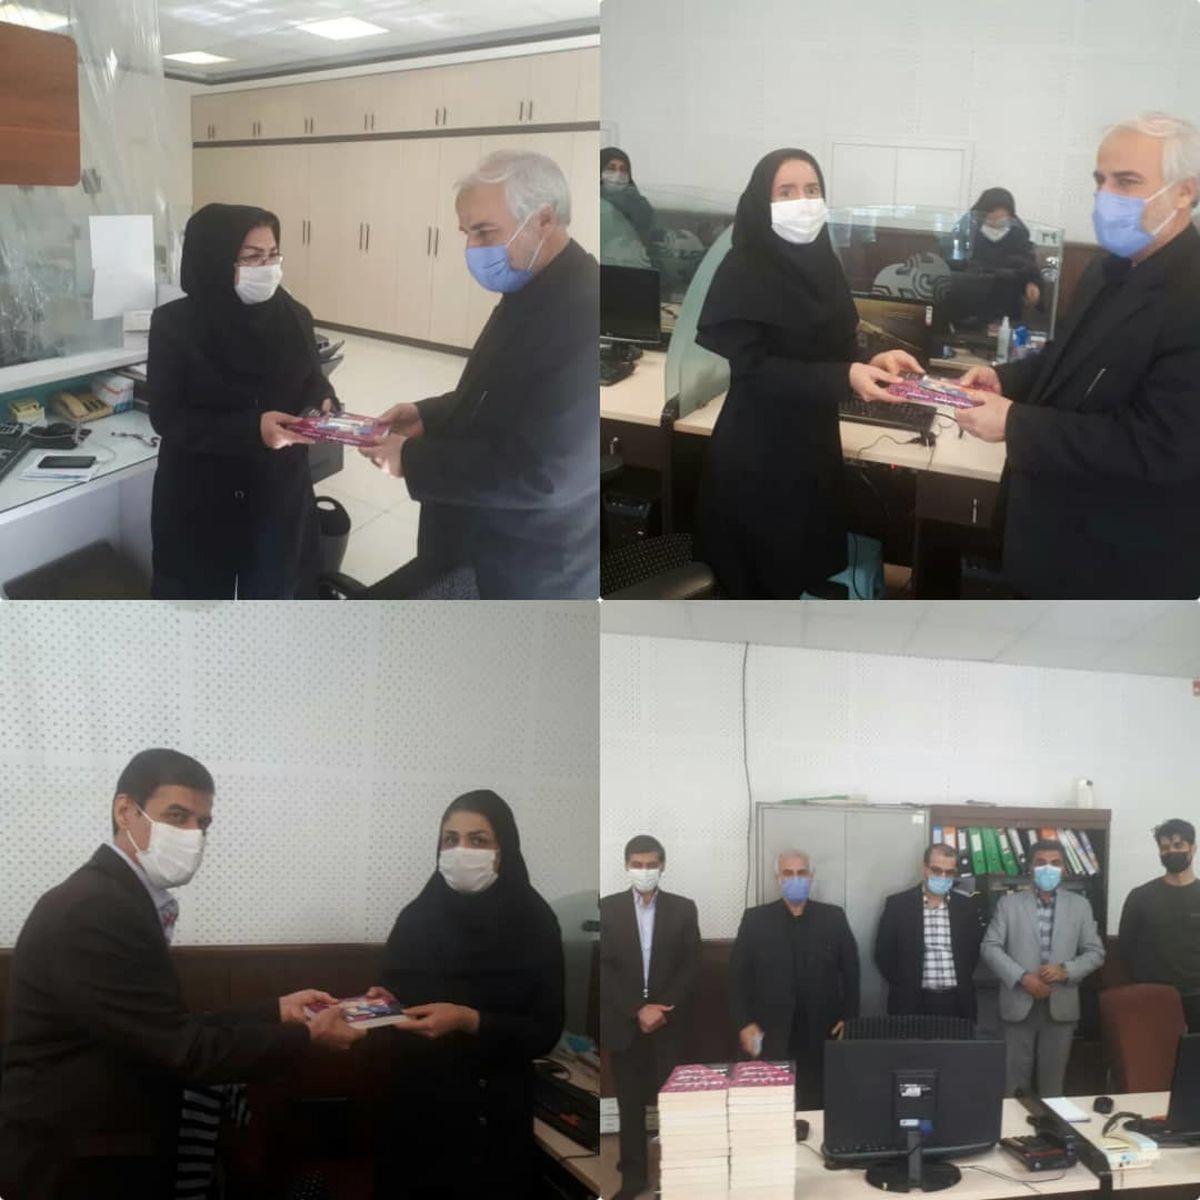 دیدار سرپرست مخابرات منطقه اصفهان با بانوان همکار